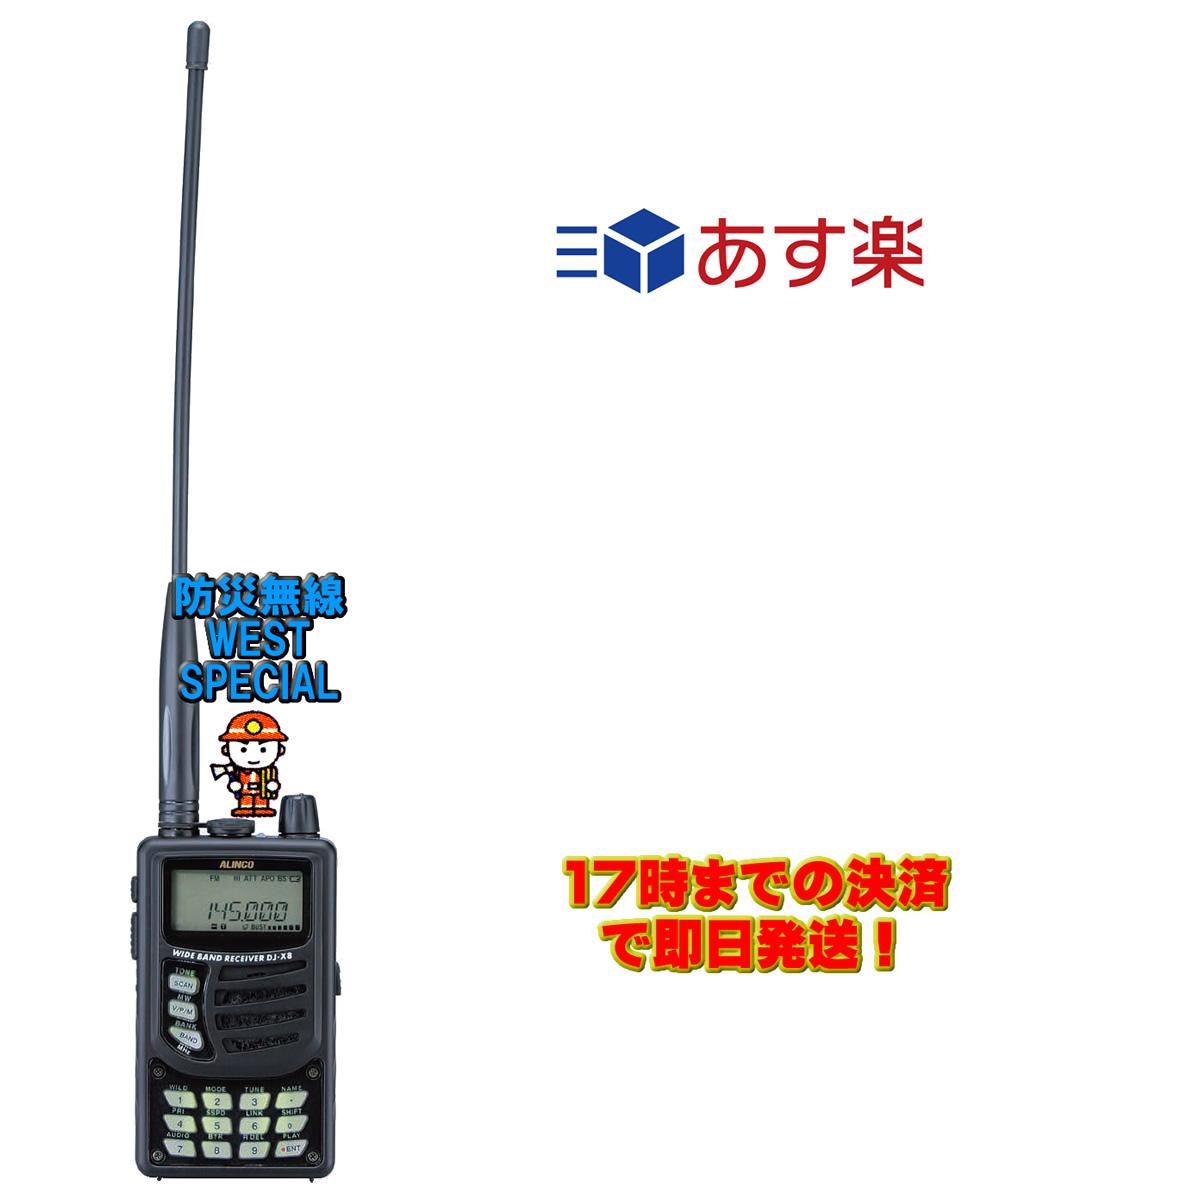 DJ-X8 アルインコ 防災無線 西日本 WEST ワイドバンドレシーバー 1000chメモリー書込み済